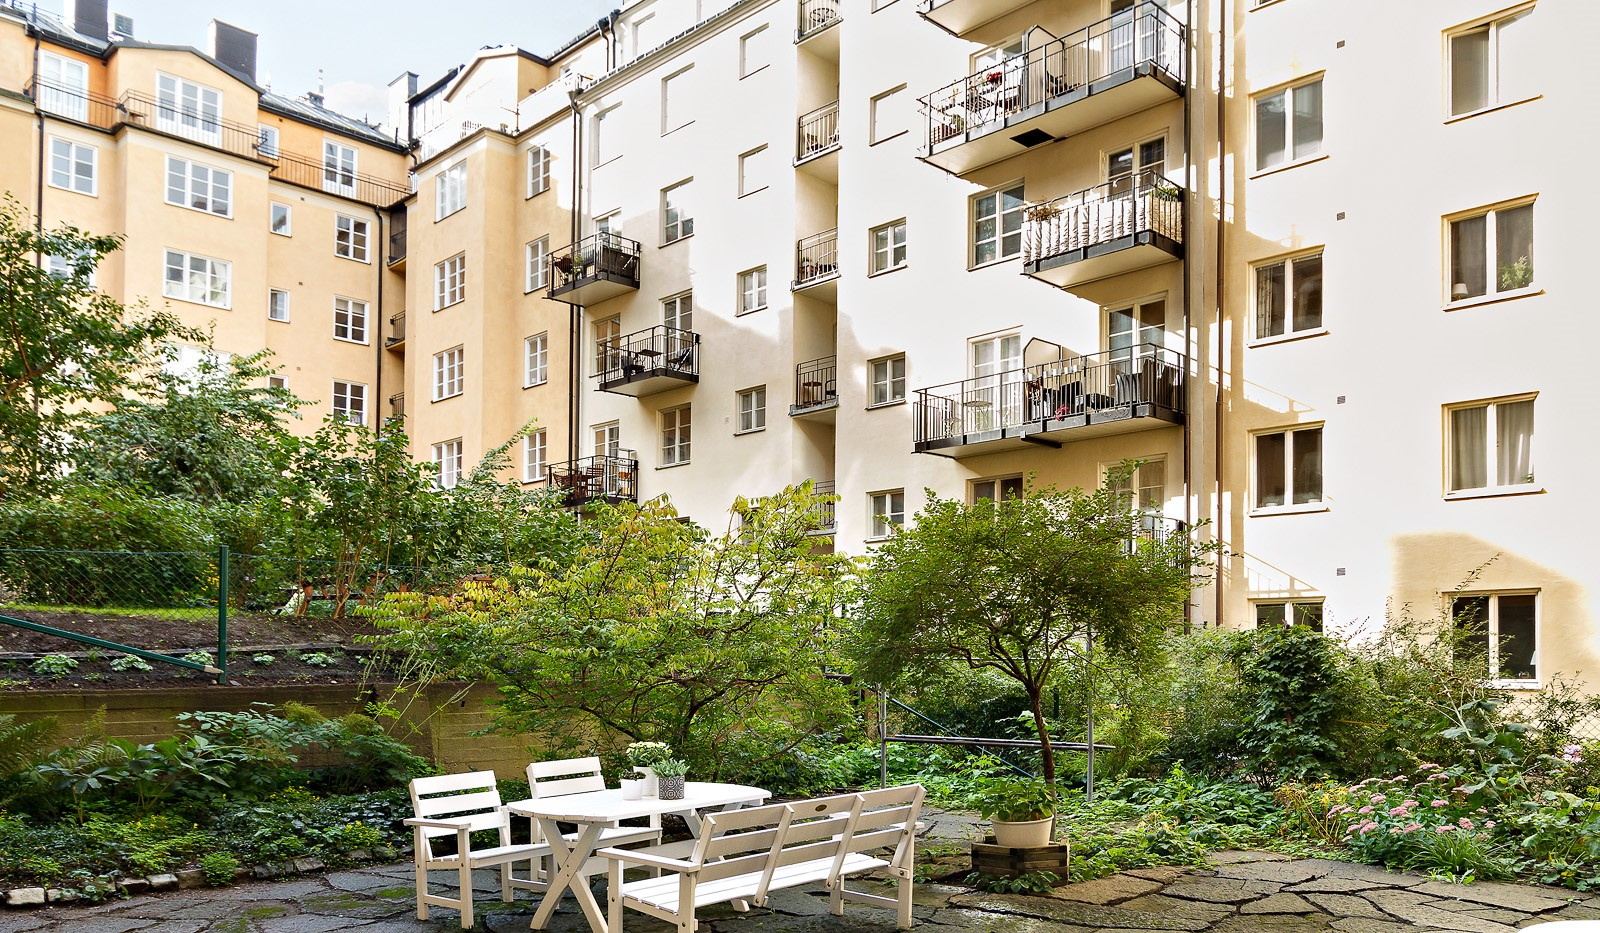 Folkskolegatan 4 - Innergården